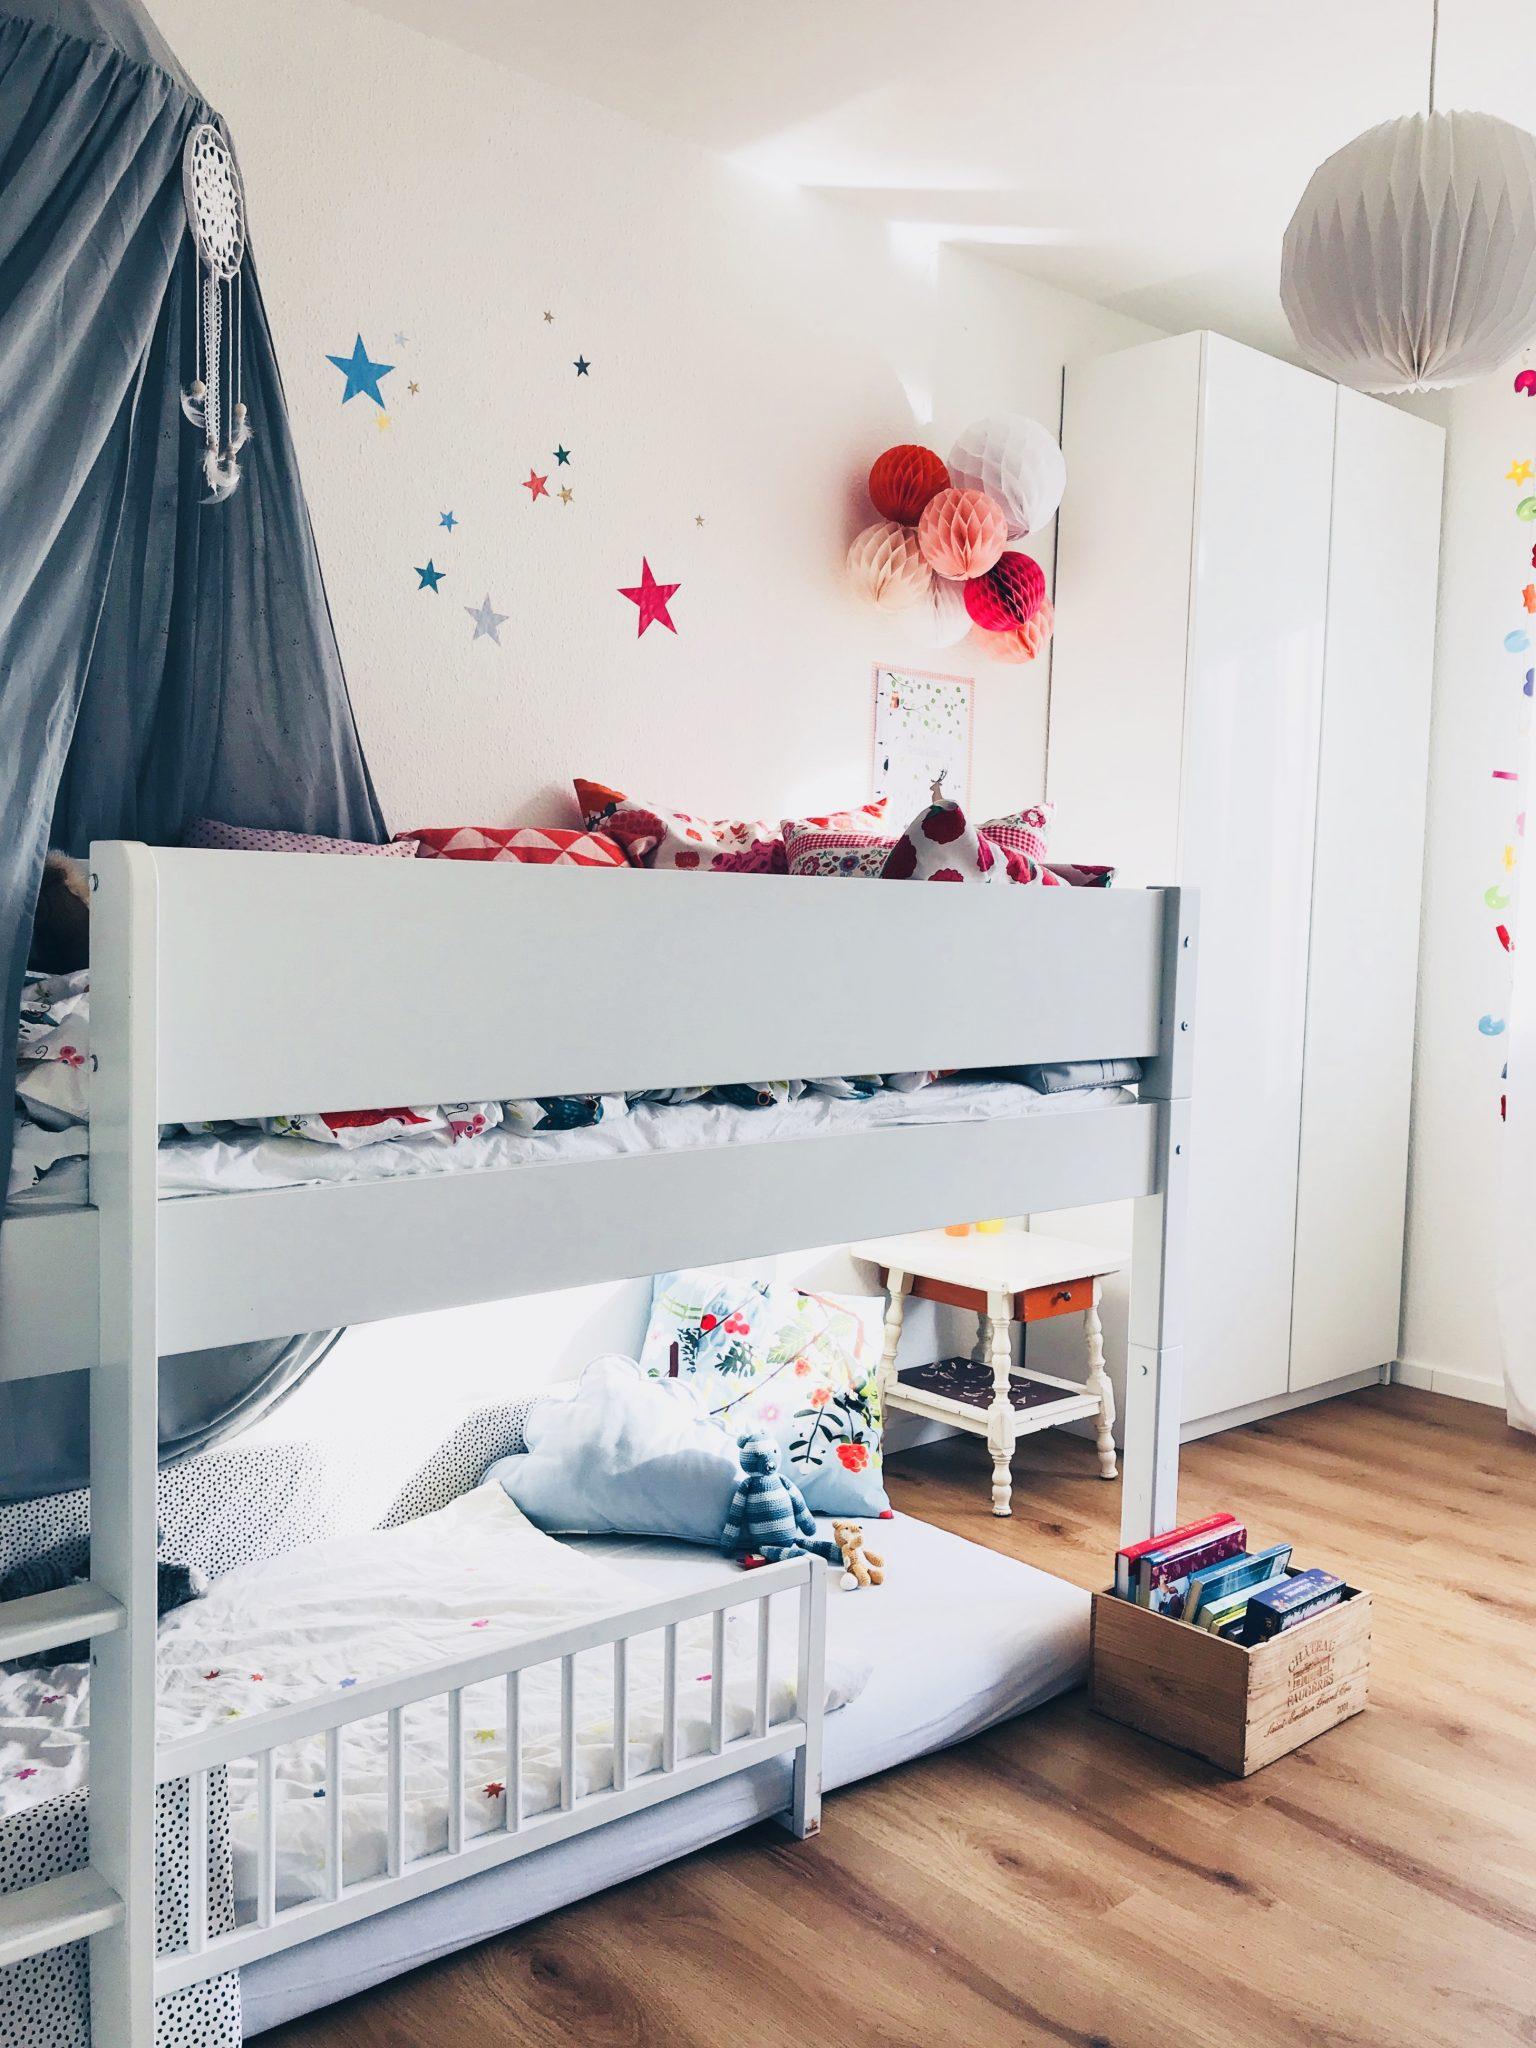 Warum Haben Unsere Kinder Gemeinsame Spiel Und Schlafzimmer